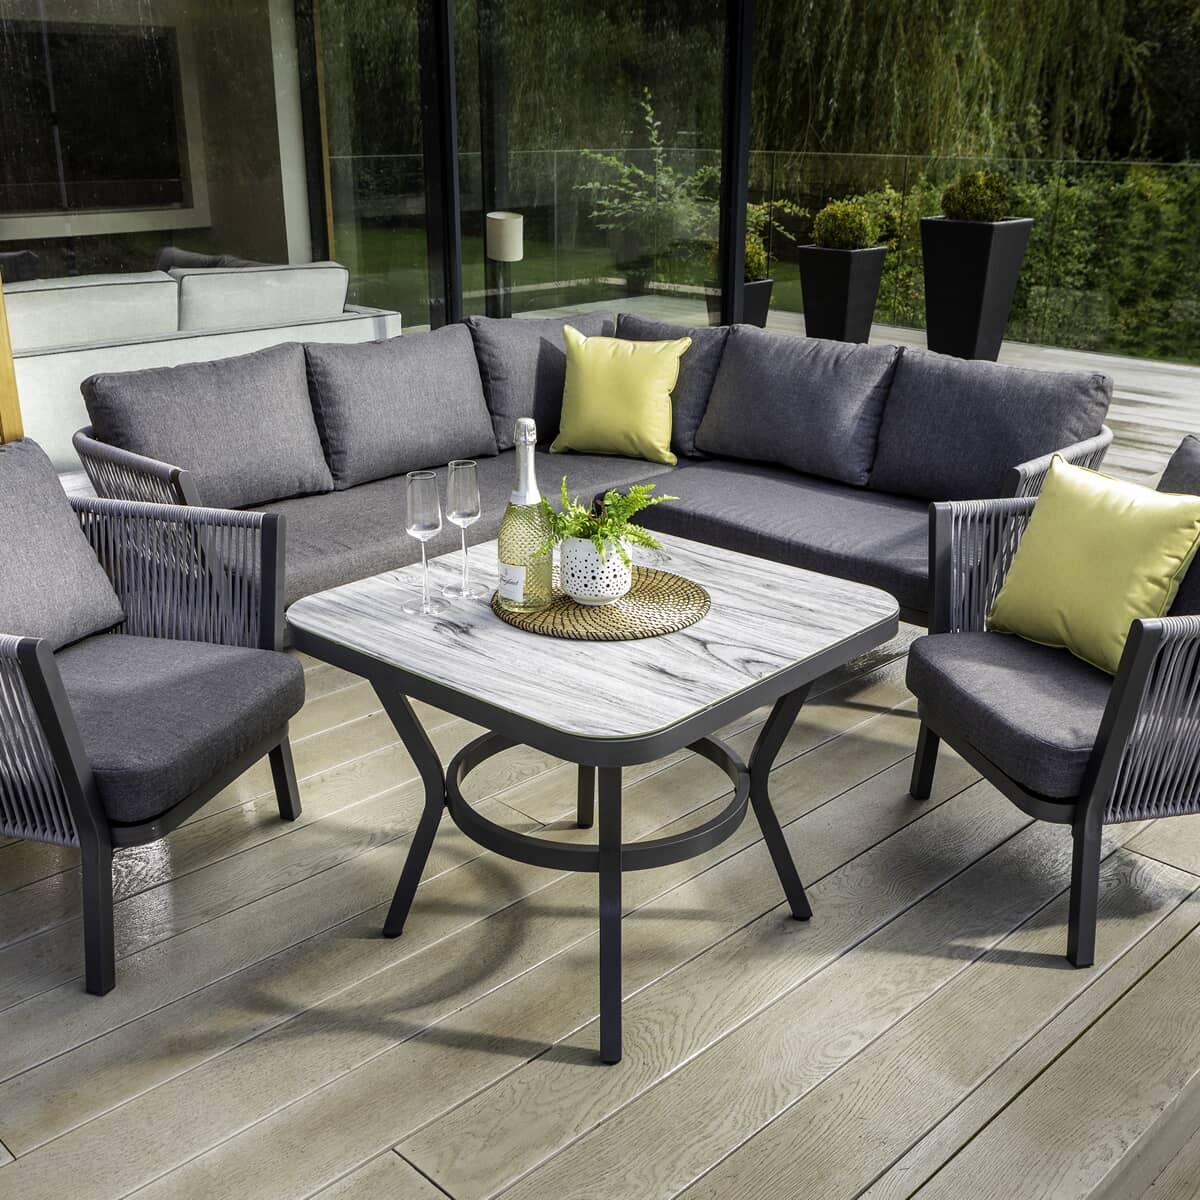 Hartman Signature Dubai Rope Garden Furniture